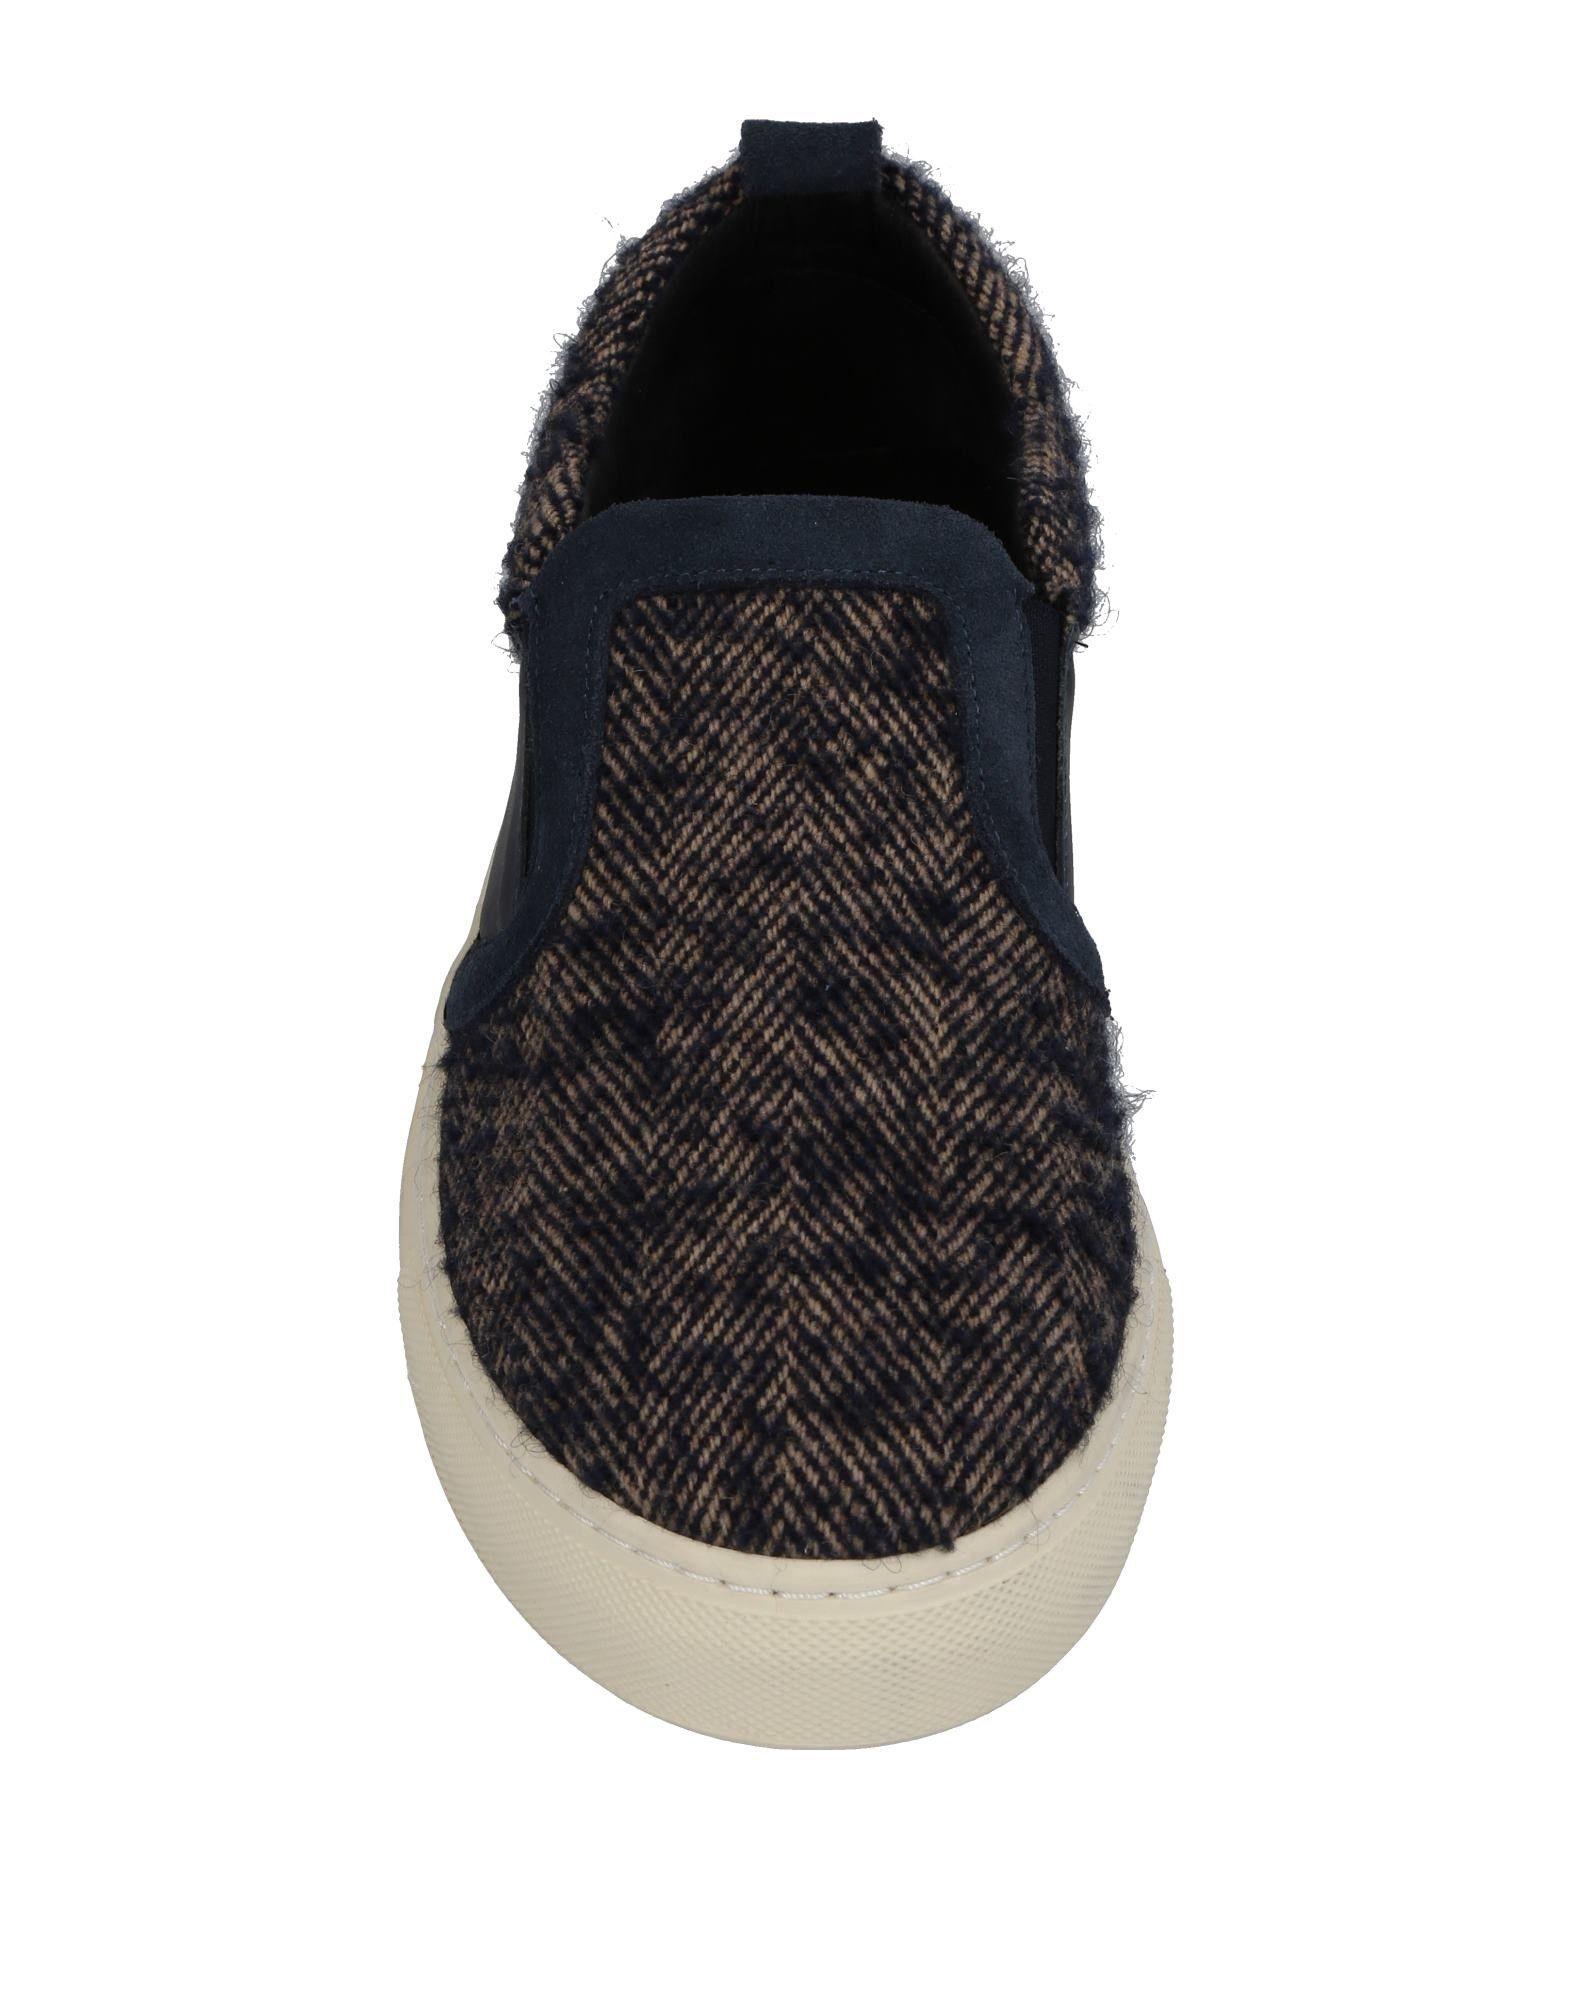 Ritz Manuel Ritz  Sneakers Herren  11462489BM 62f0e3